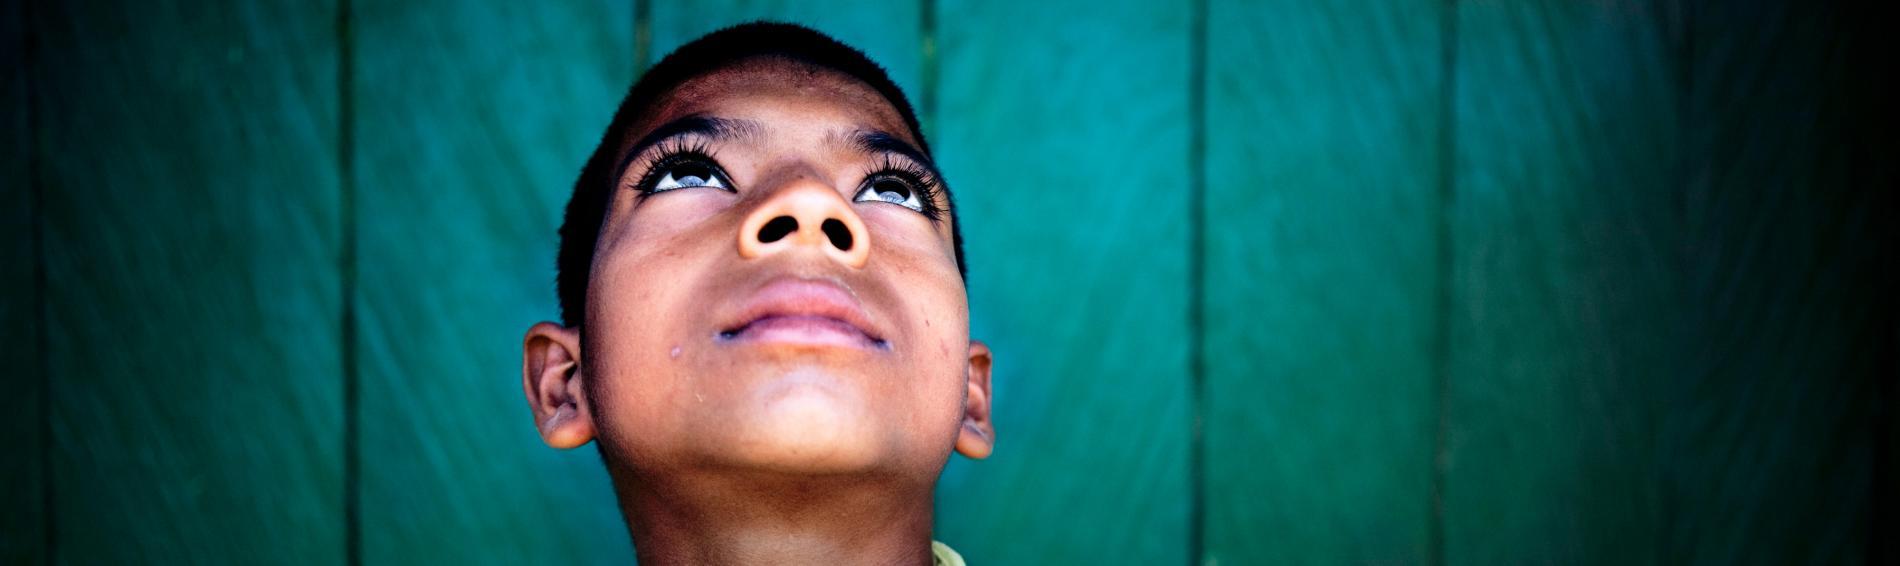 Kinder wie dieser Junge in Kolumbien stehen im Fokus unserer Arbeit. Foto: Ärzte der Welt